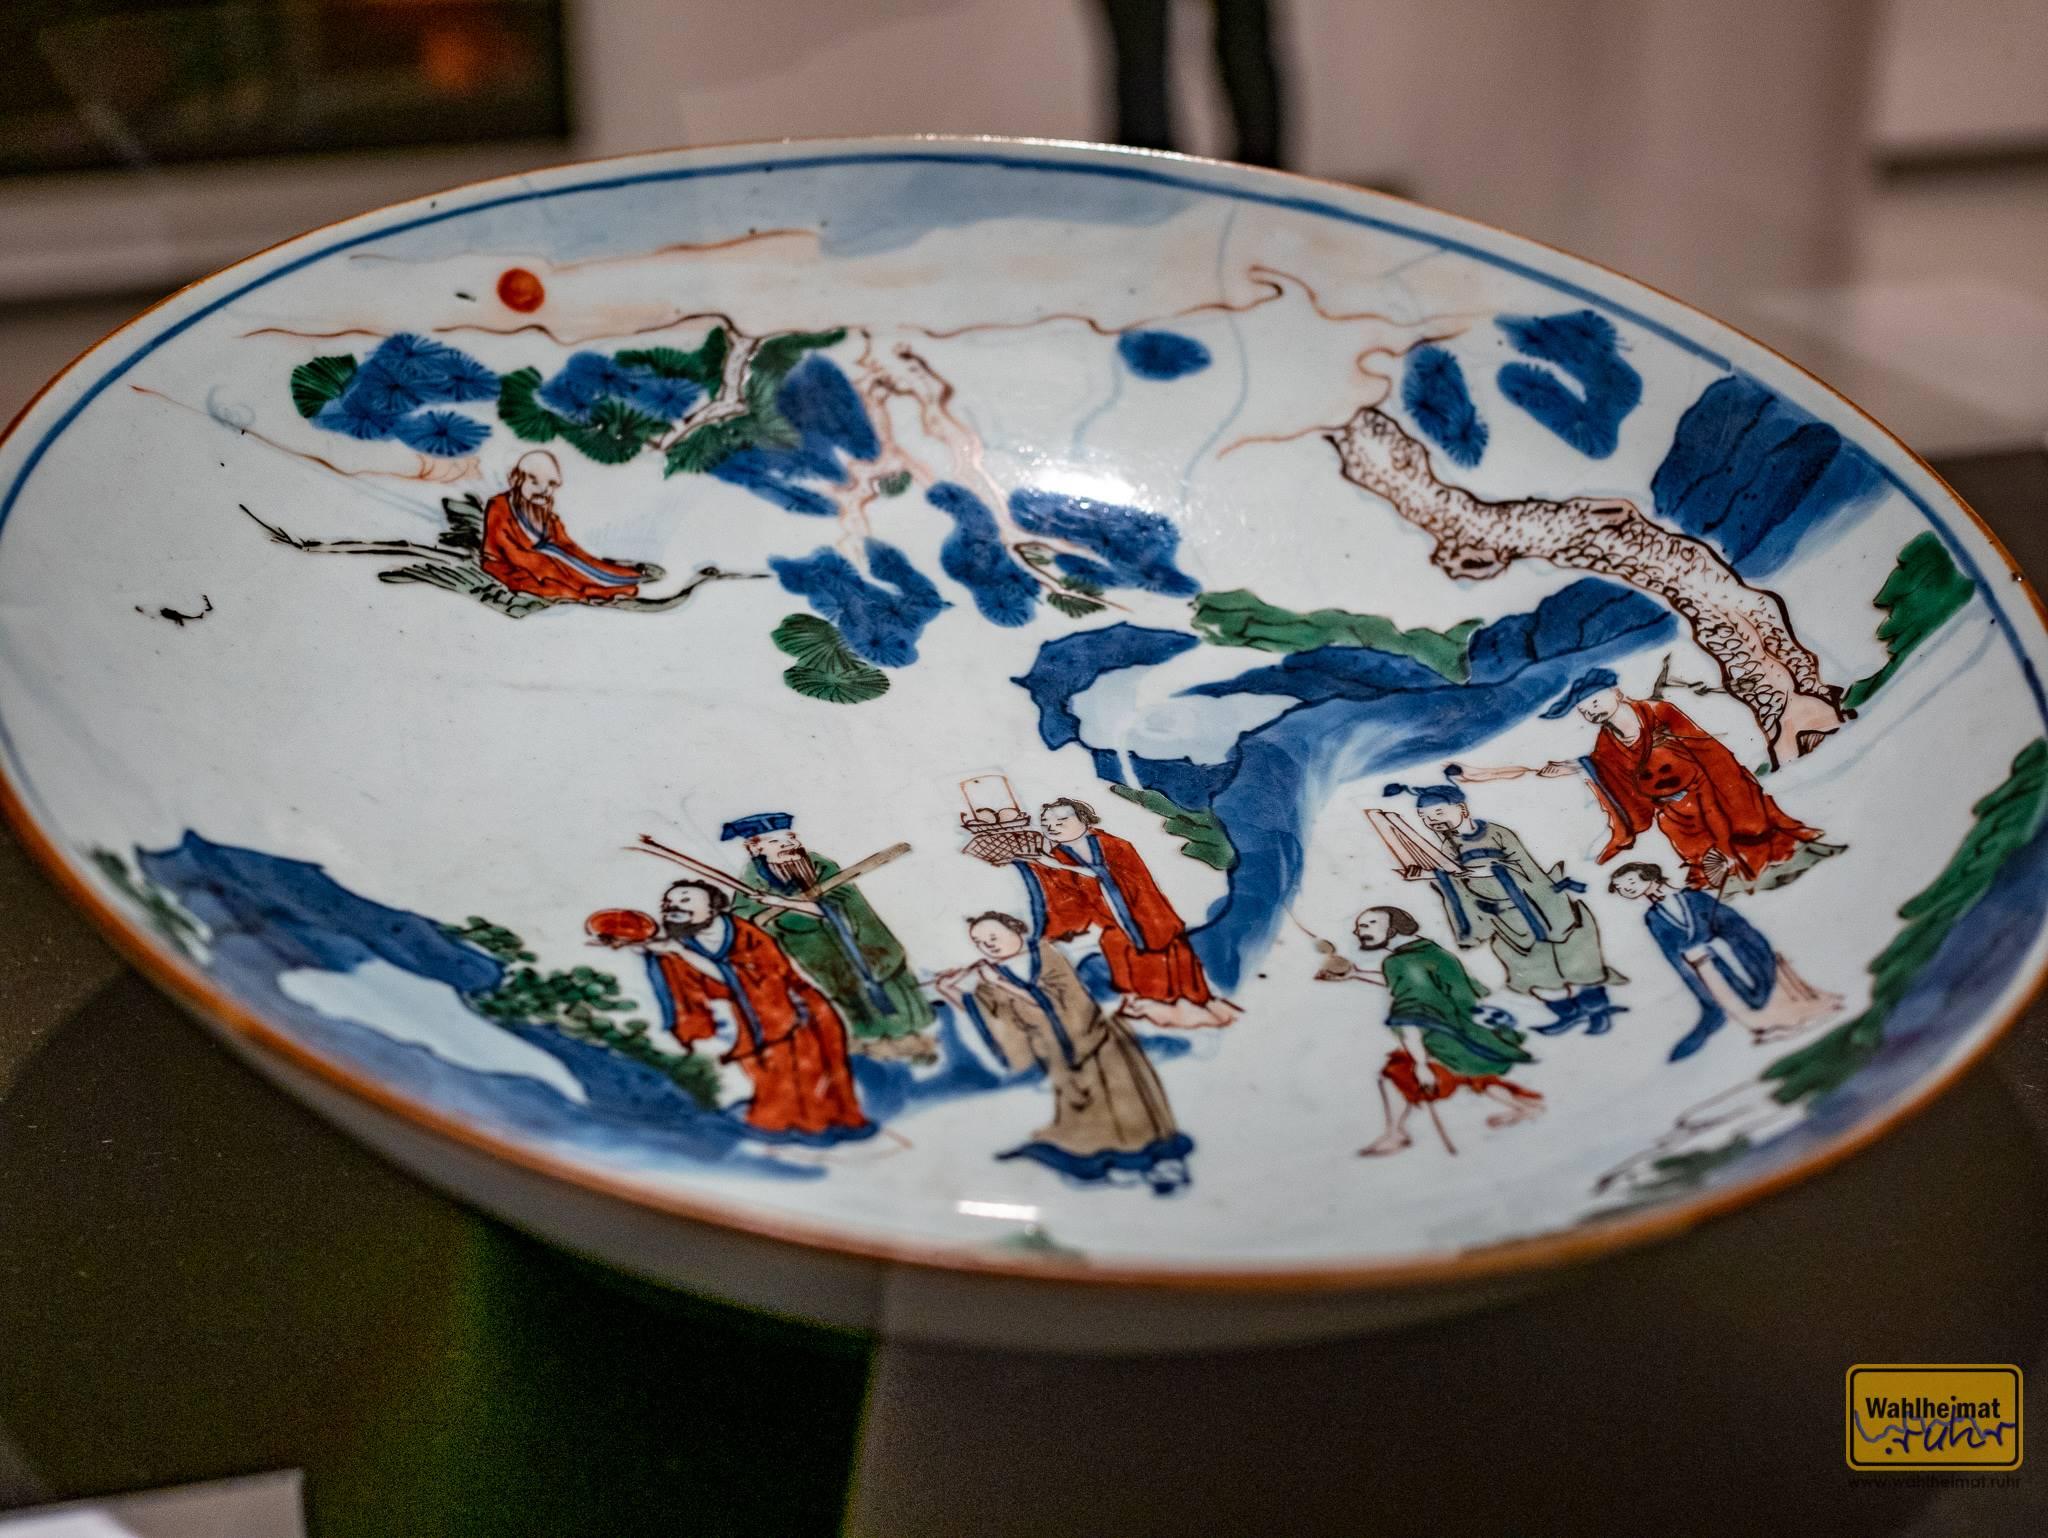 Um 1640 hat ein ostasiatischer Künstler diese bemerkenswerte Schüssel geschaffen. Wow!